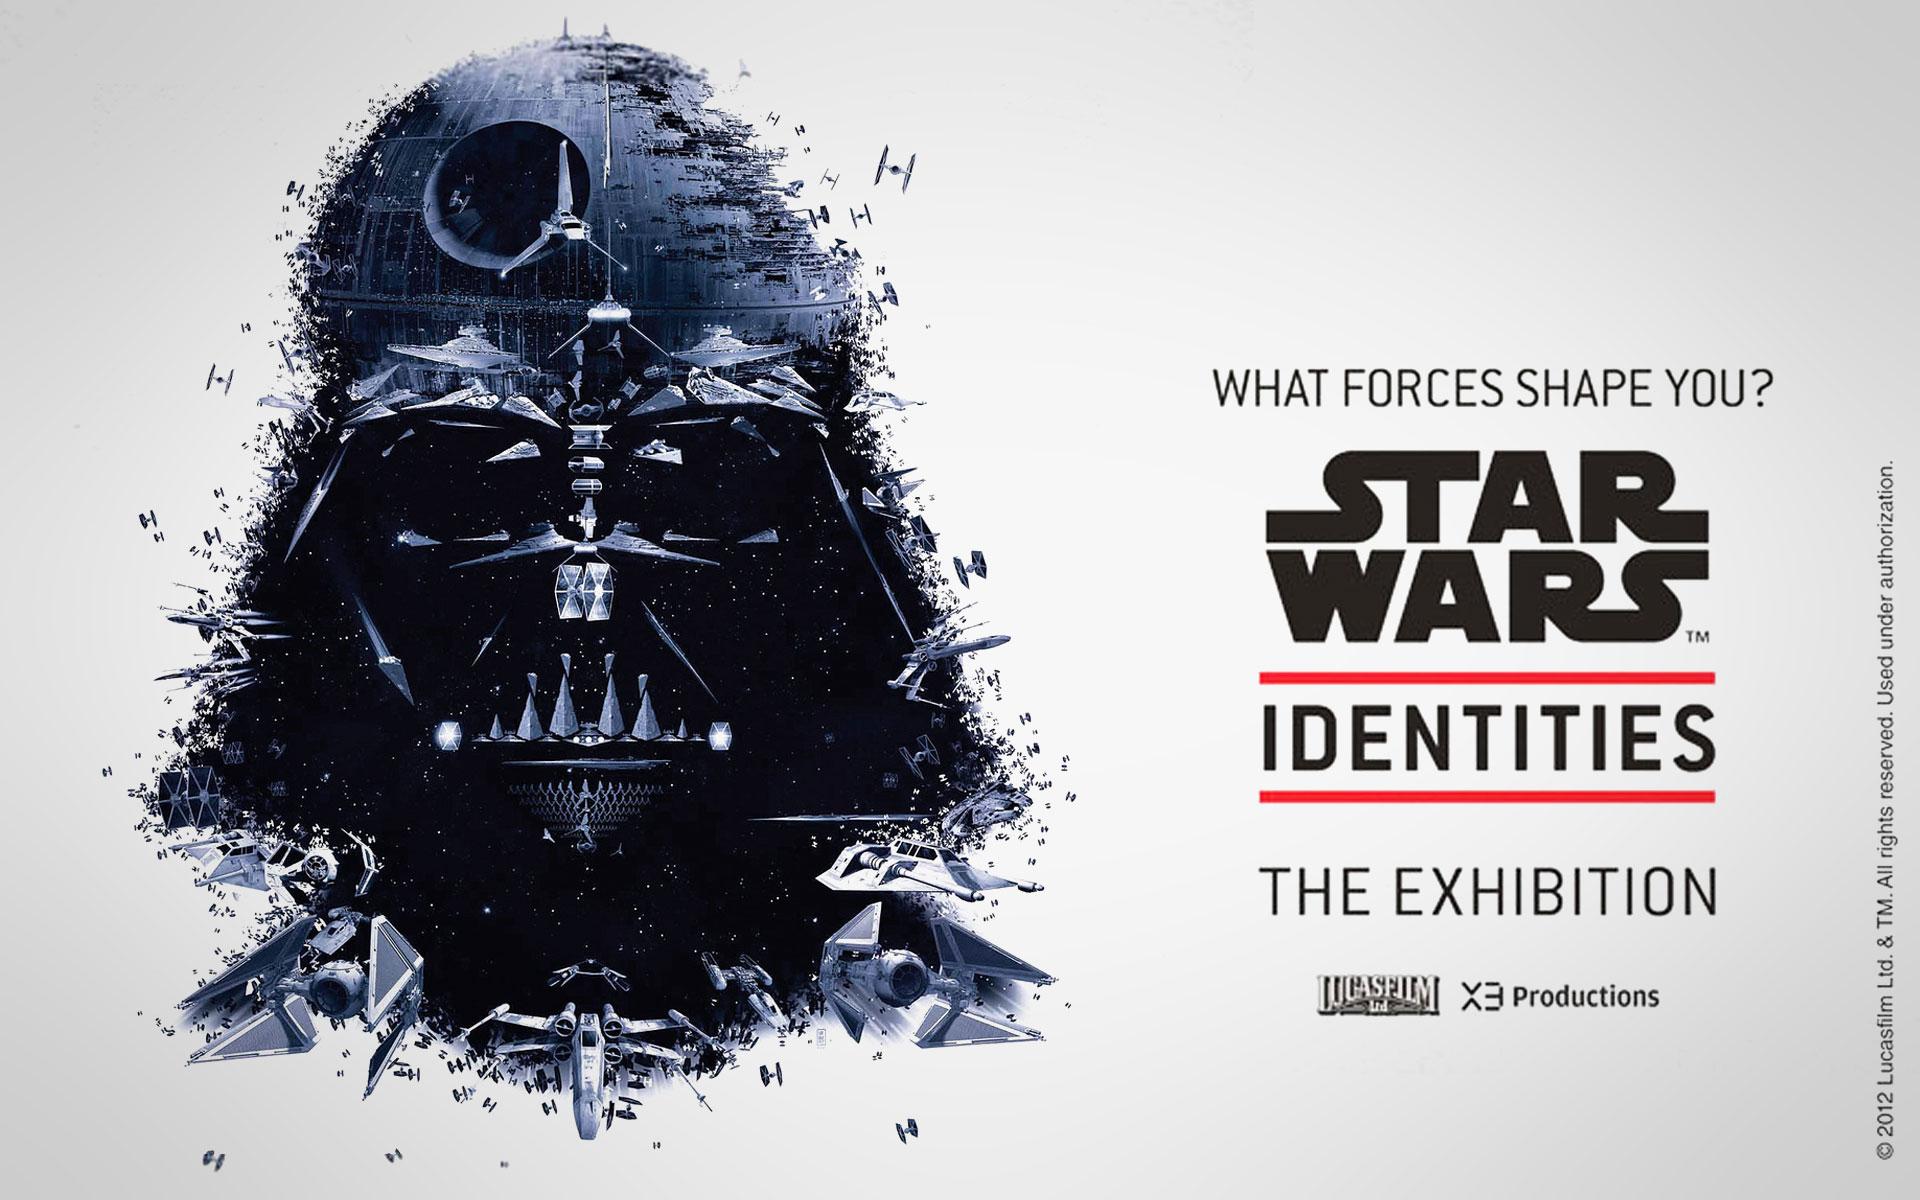 https://cinemaplanet.pt/wp-content/uploads/2017/07/starwars_identities_darth_vader.jpg